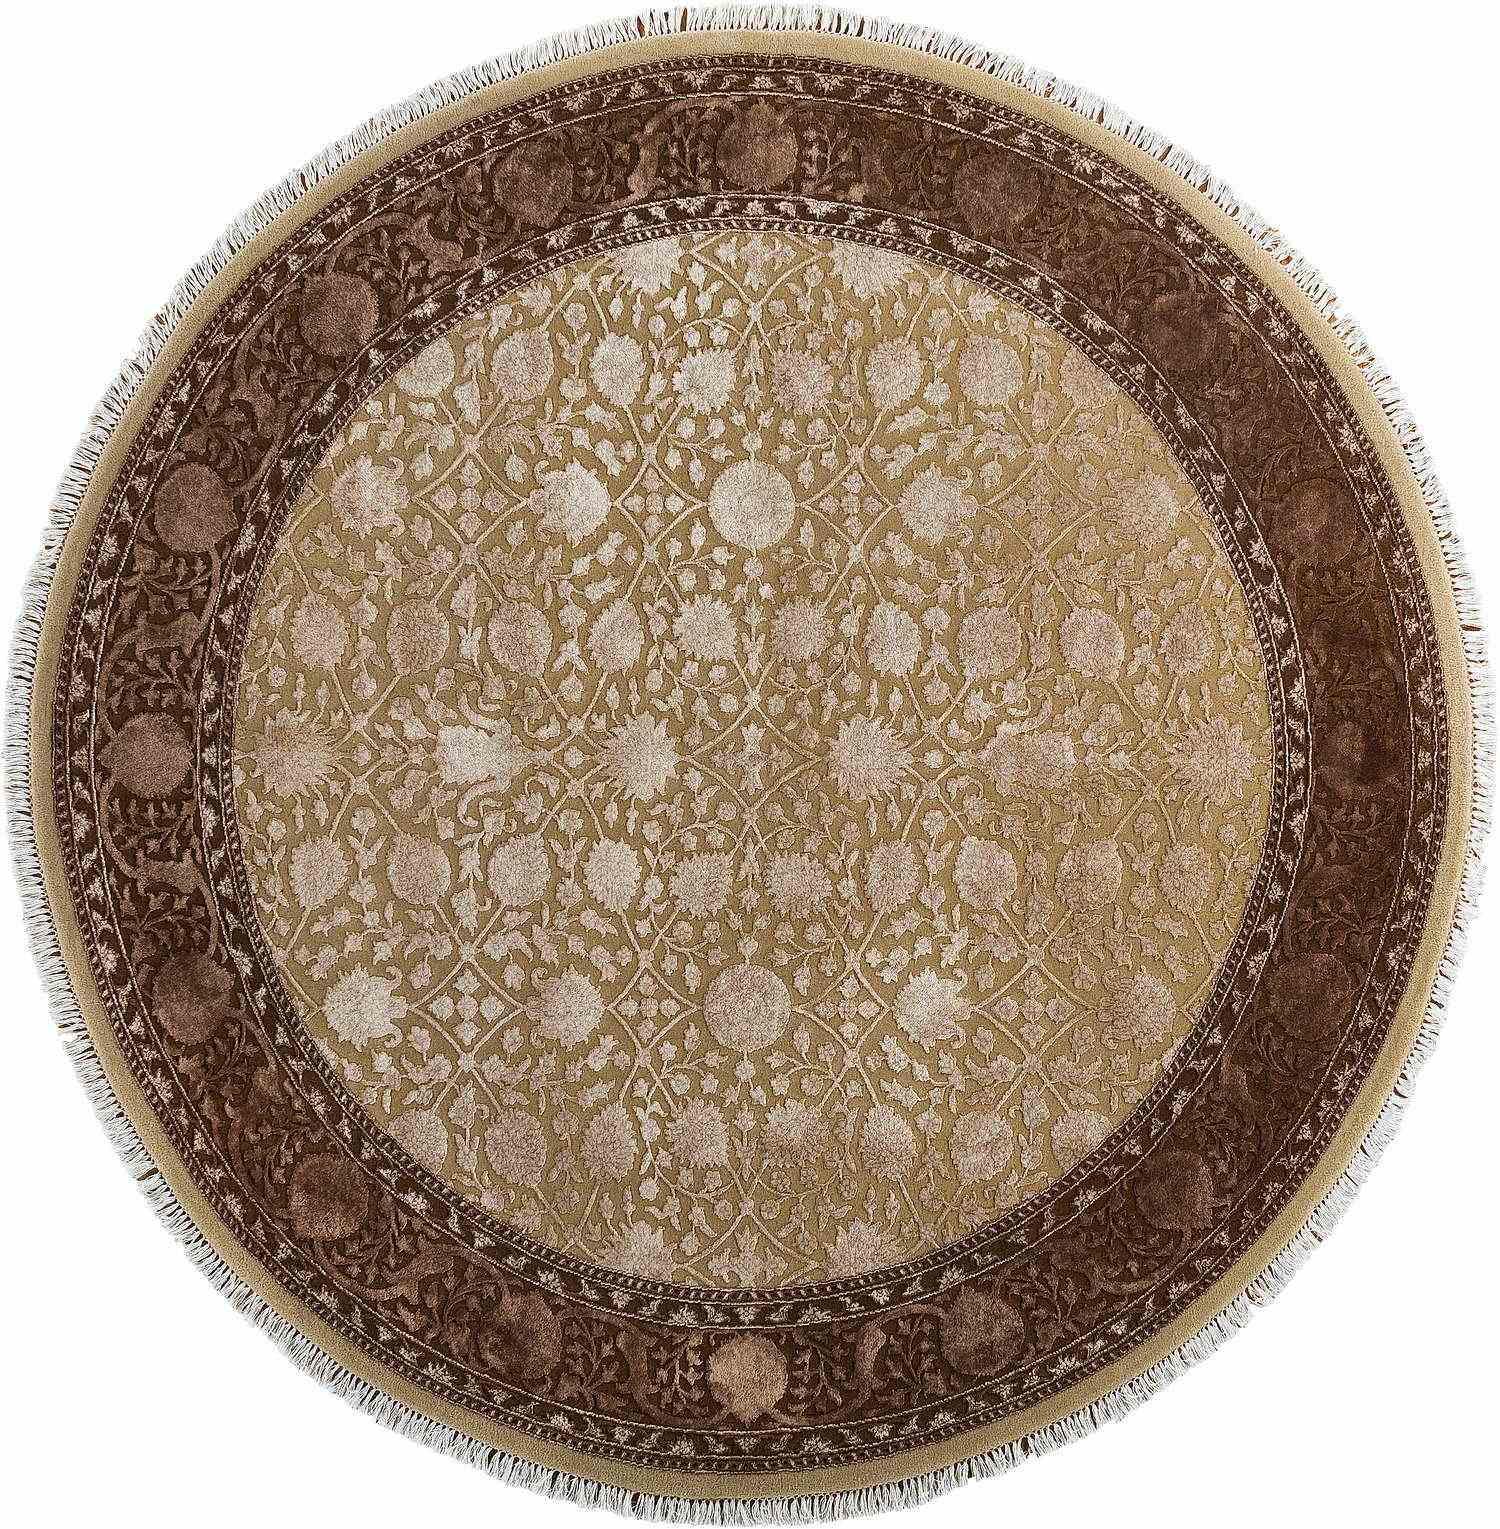 Круглый ковер ручной работы коллекции «King Of Agra» 48368, 201x201 см